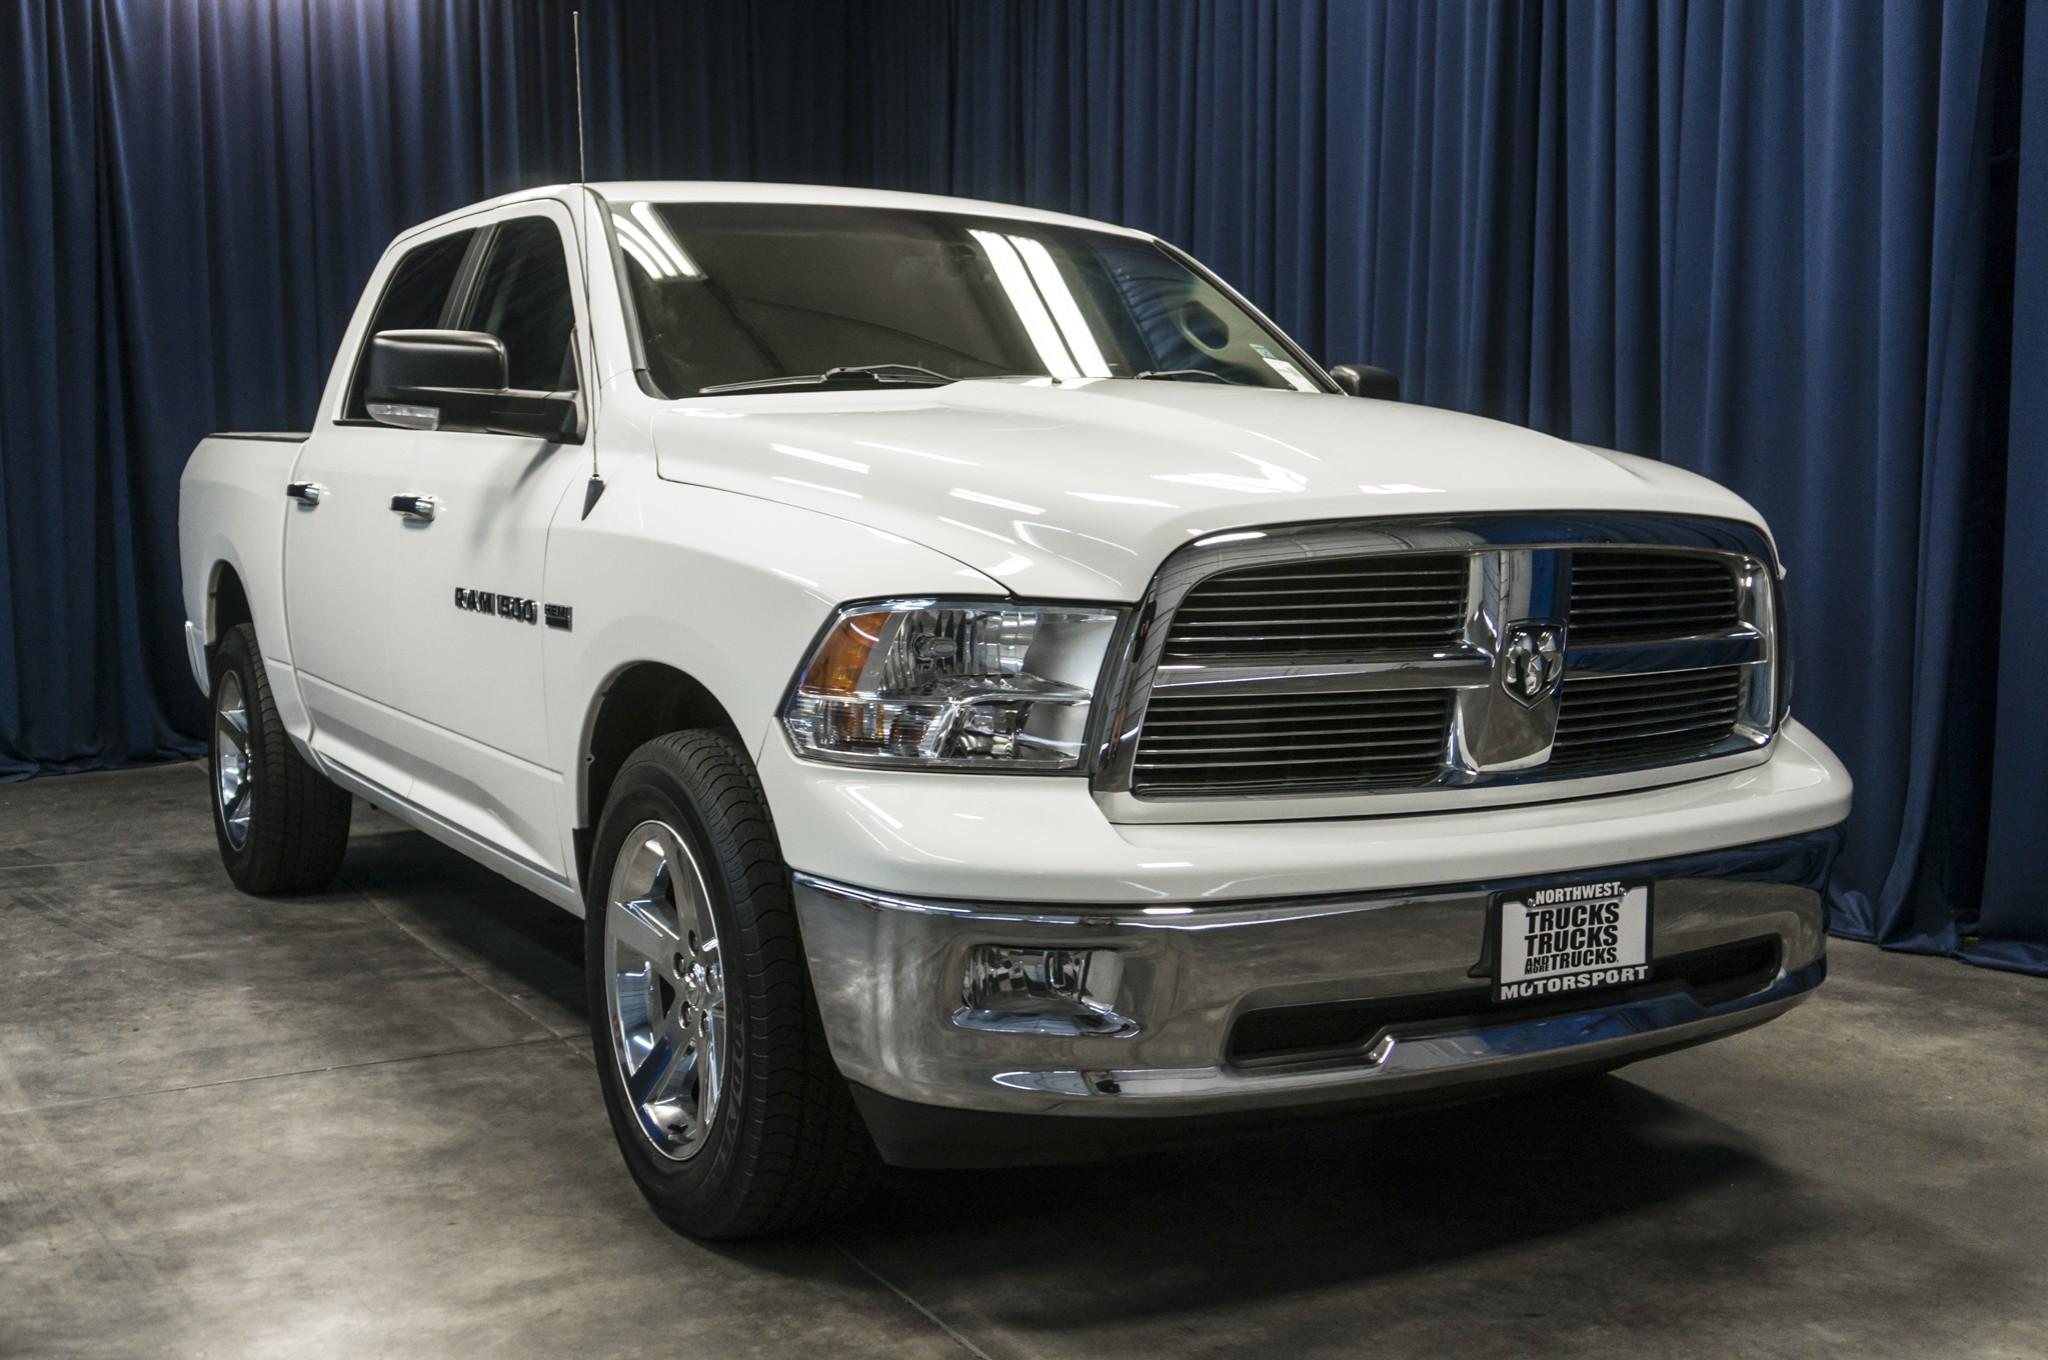 used 2011 dodge ram 1500 big horn 4x4 truck for sale 39560a. Black Bedroom Furniture Sets. Home Design Ideas